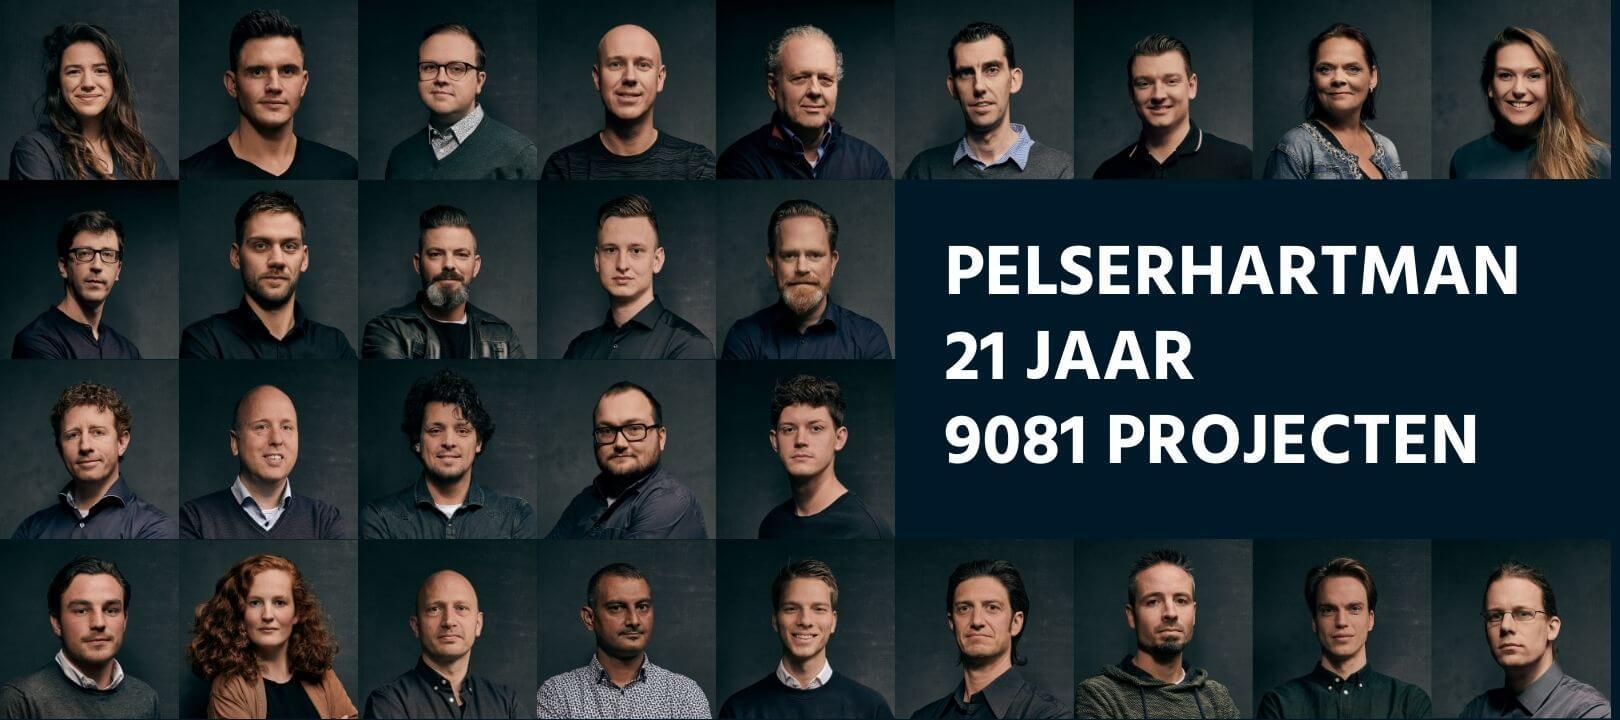 Team van PelserHartman, 21 jaar, 9081 projecten